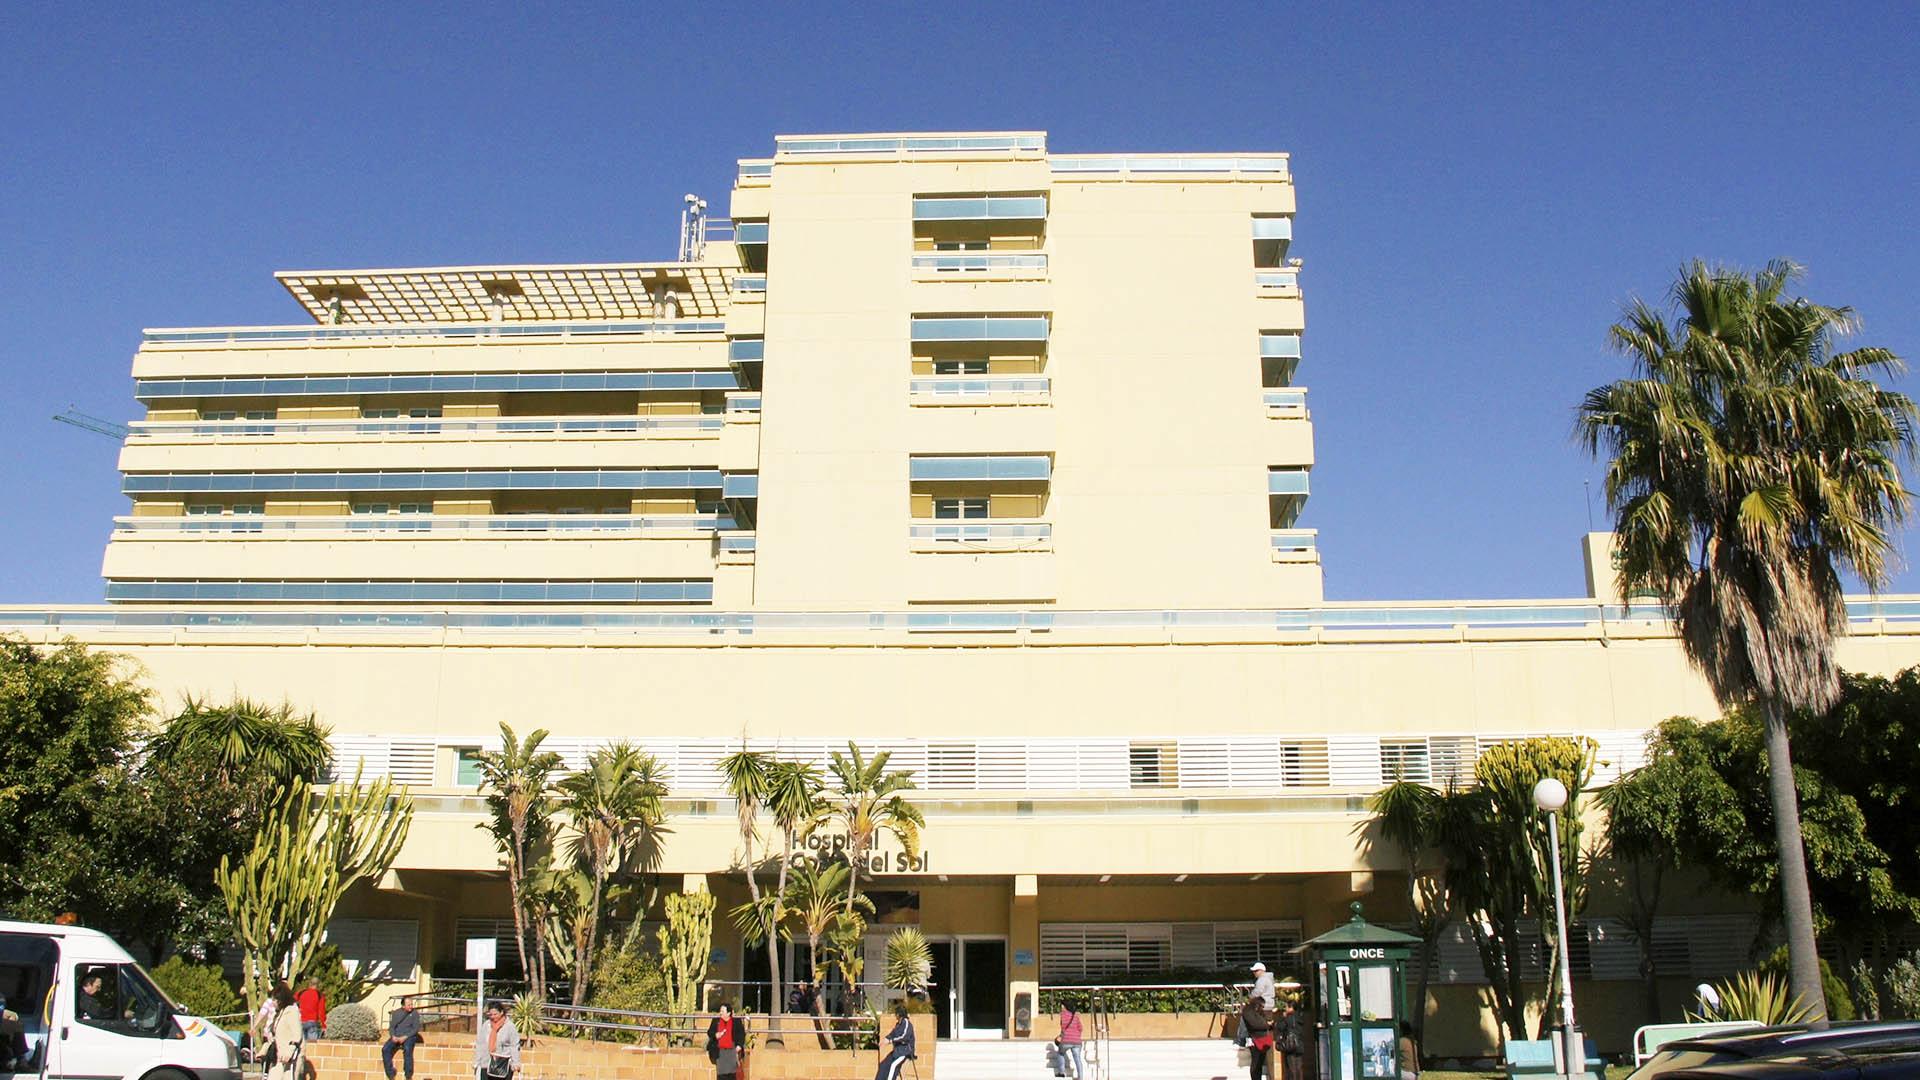 Por fin conceden licencia de obras para ampliar el Hospital Costa del Sol